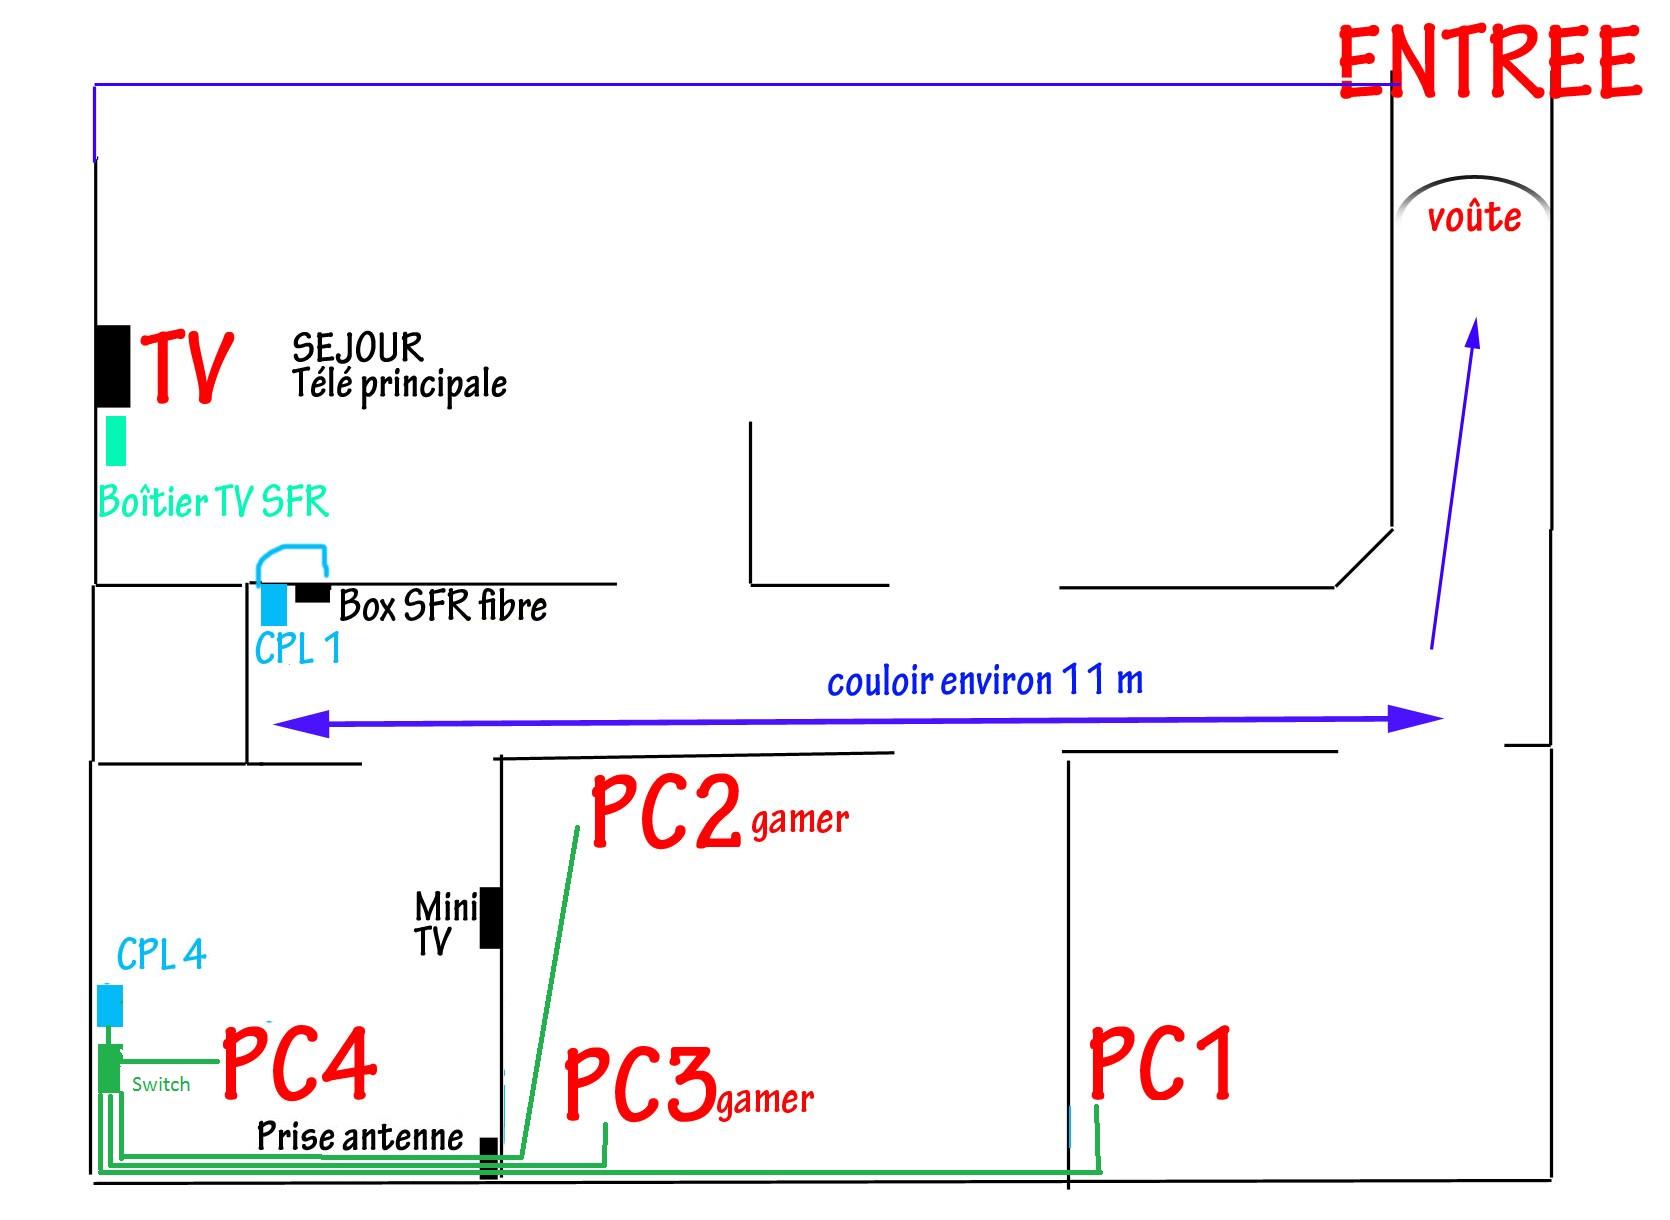 R solu questions sur l 39 installation de la fibre dans mon page 4 - Comment se passe l installation de la fibre ...